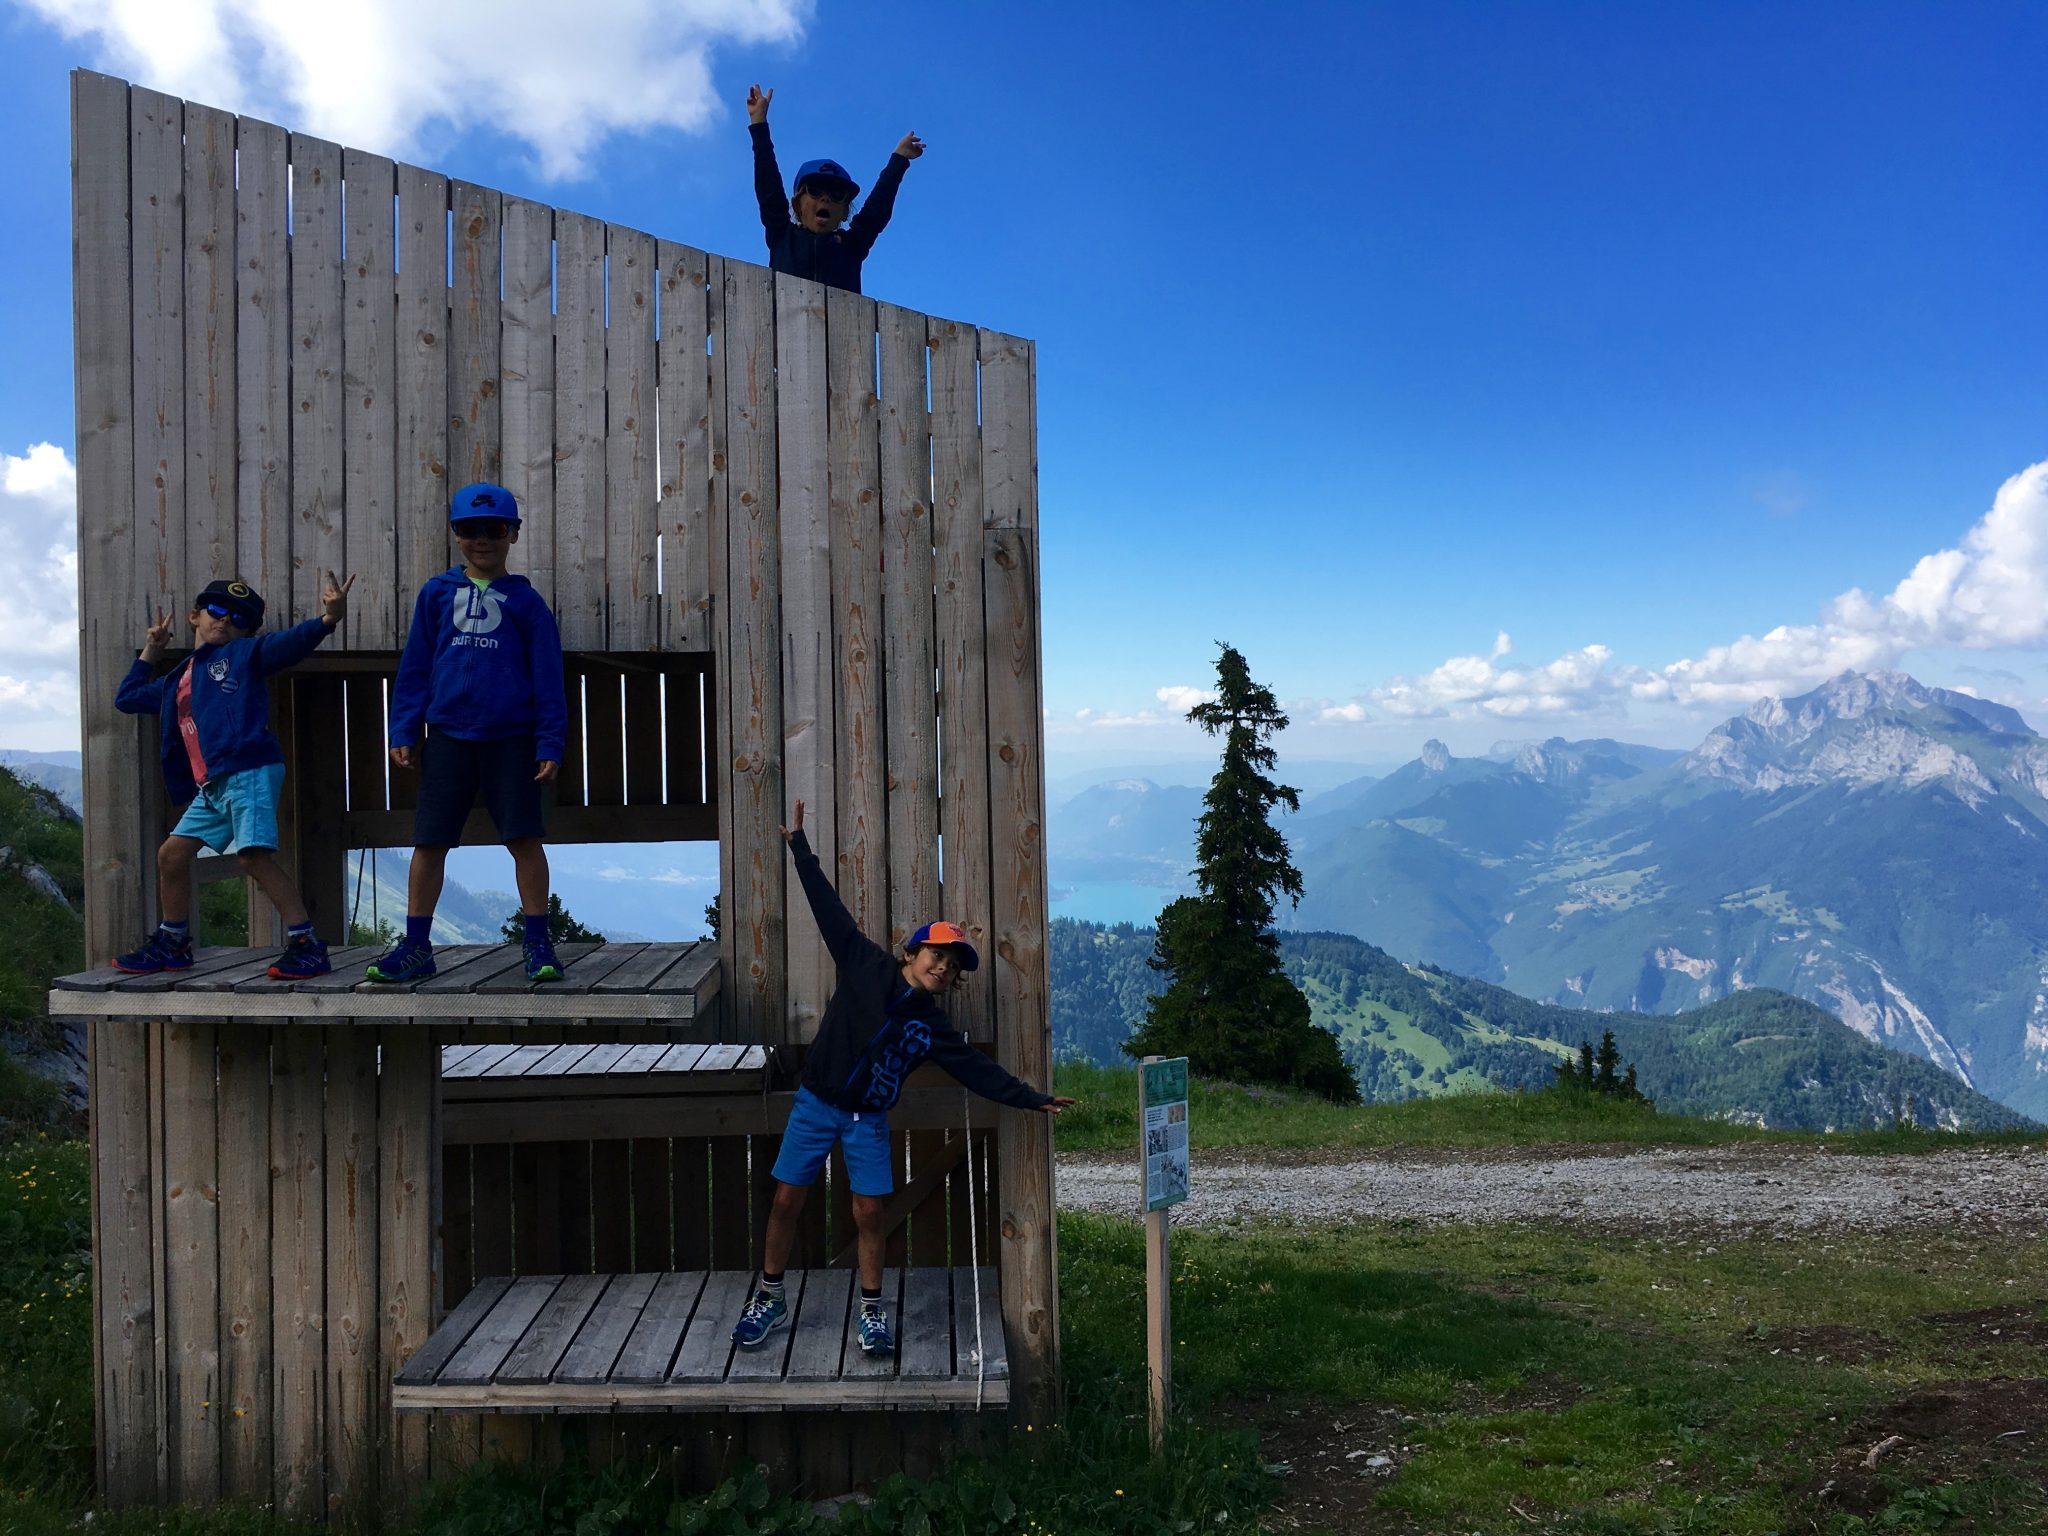 famille-enfants-jeux-activites-montagne